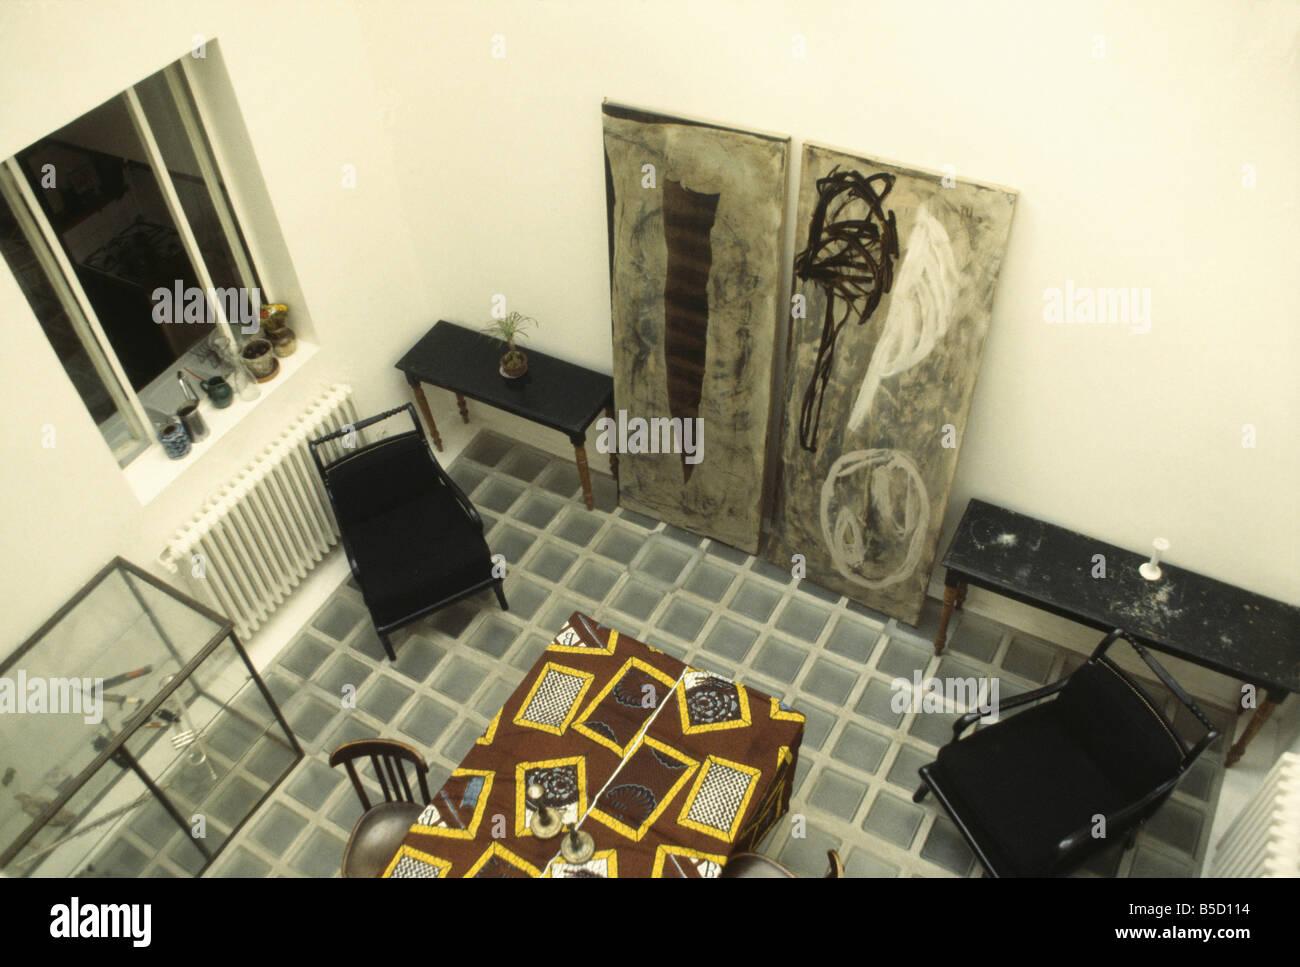 Fußboden Aus Ziegelsteinen ~ Birdseye blick auf glas ziegel fußboden im esszimmer mit großen